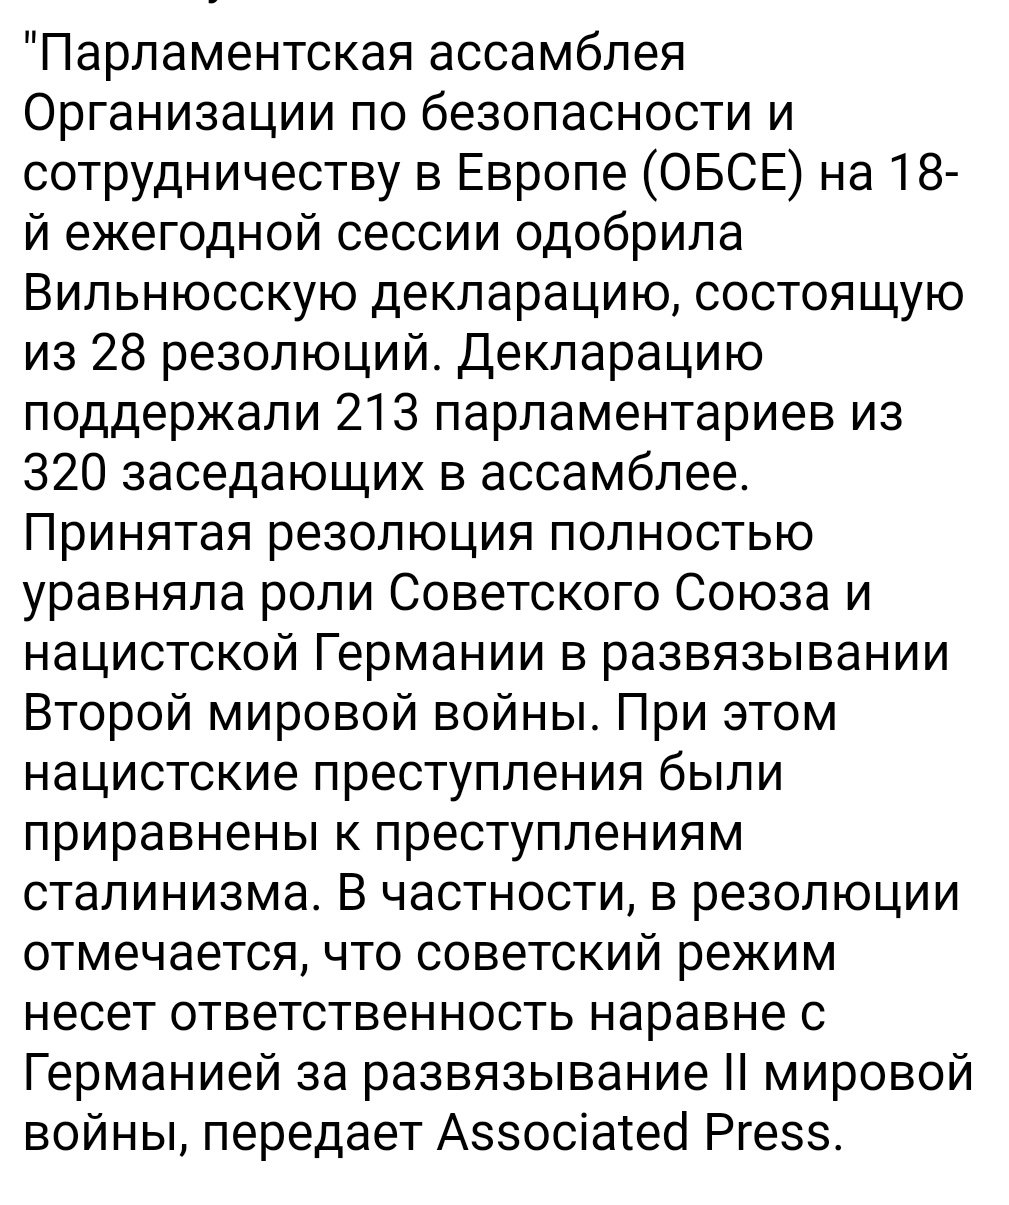 """Акція """"Безсмертний полк"""" створена Кремлем як акція пропаганди, а не пам'яті, - Кириленко - Цензор.НЕТ 4552"""